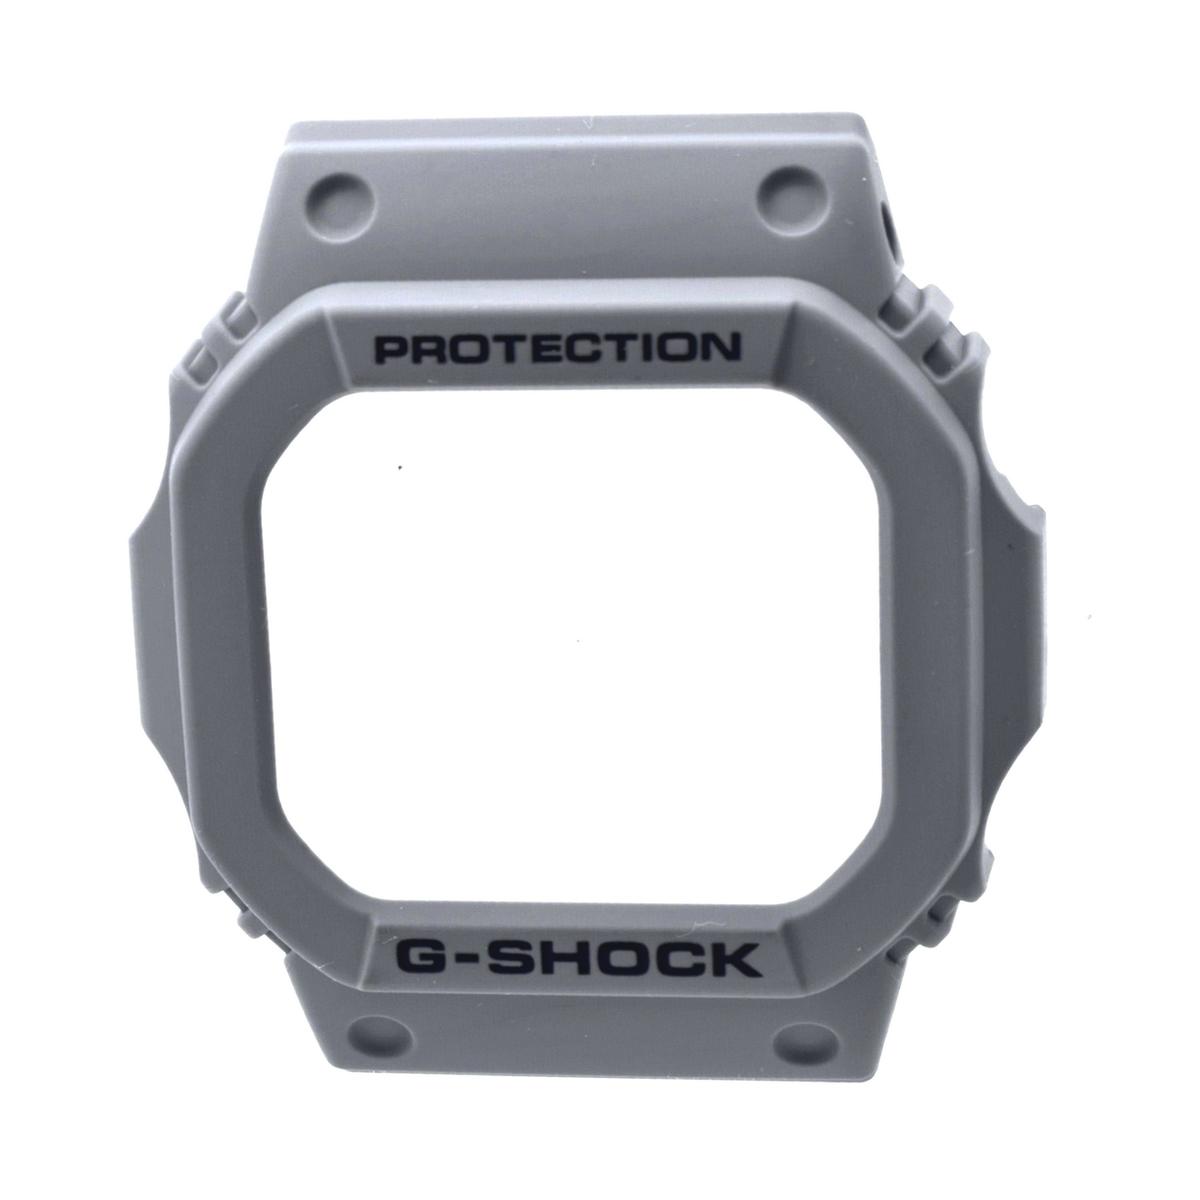 Pulseira + Bezel Casio G-Shock DW-d5600p-8 Resina Cinza  - E-Presentes